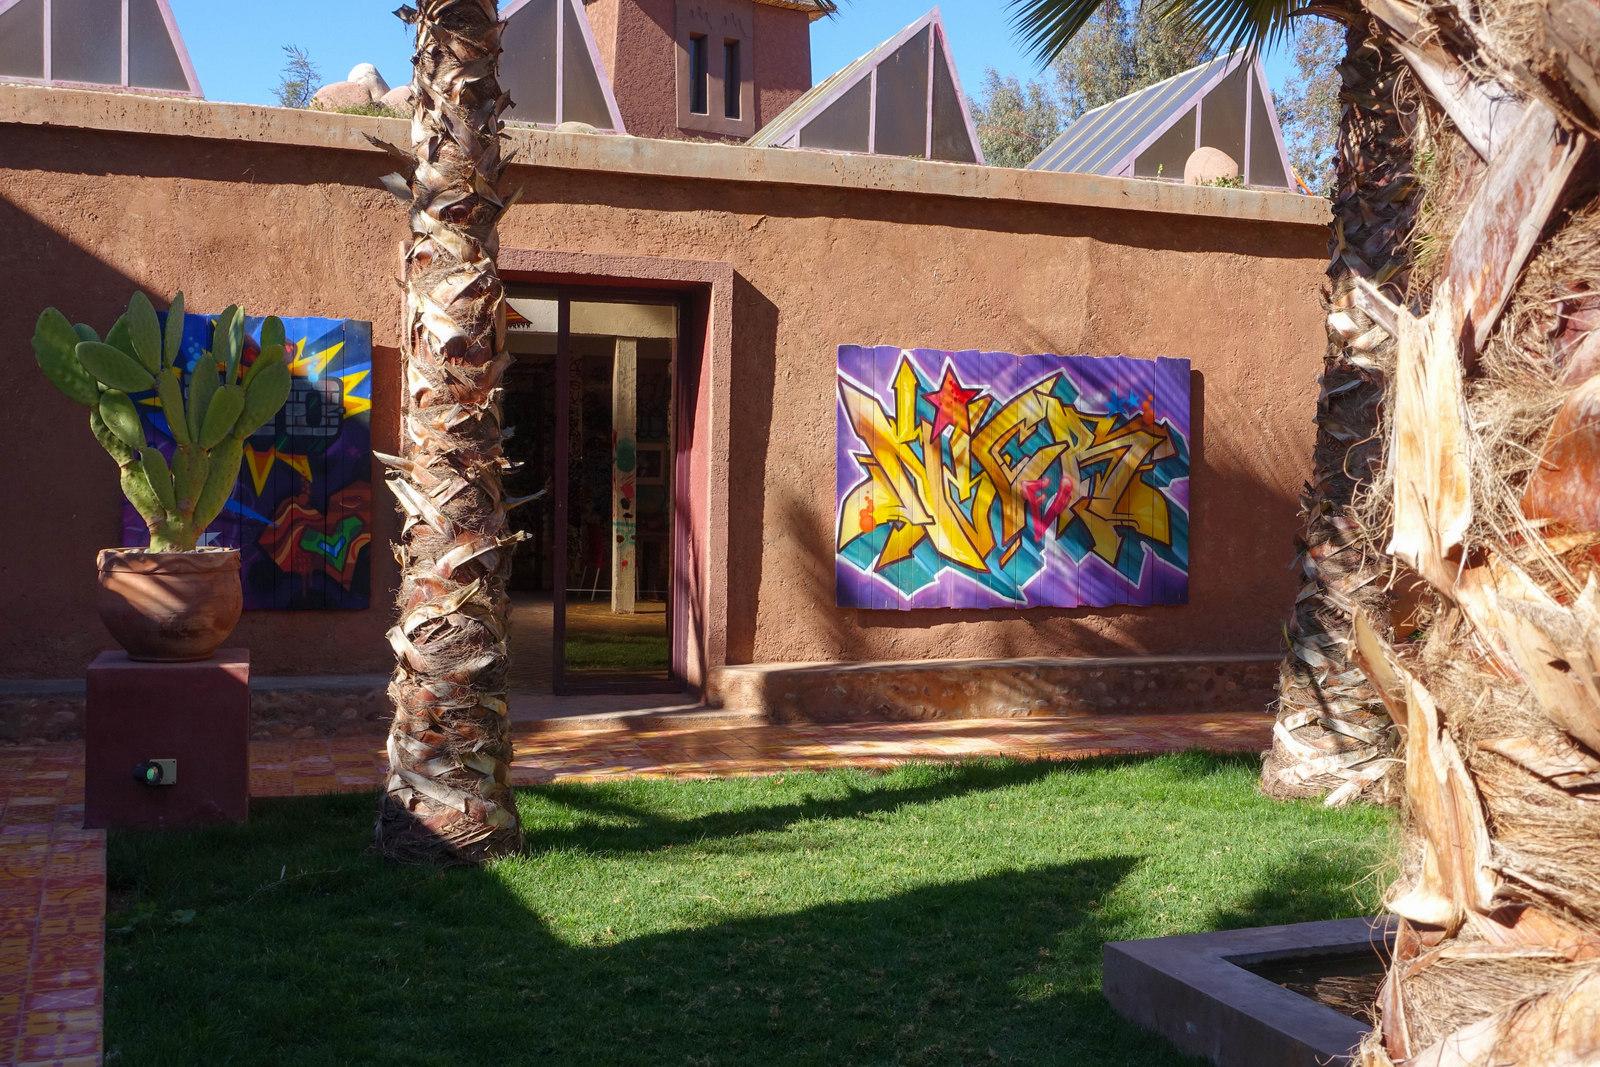 Jardin Rouge Studios Exhibitions Room Work Urbanpresents